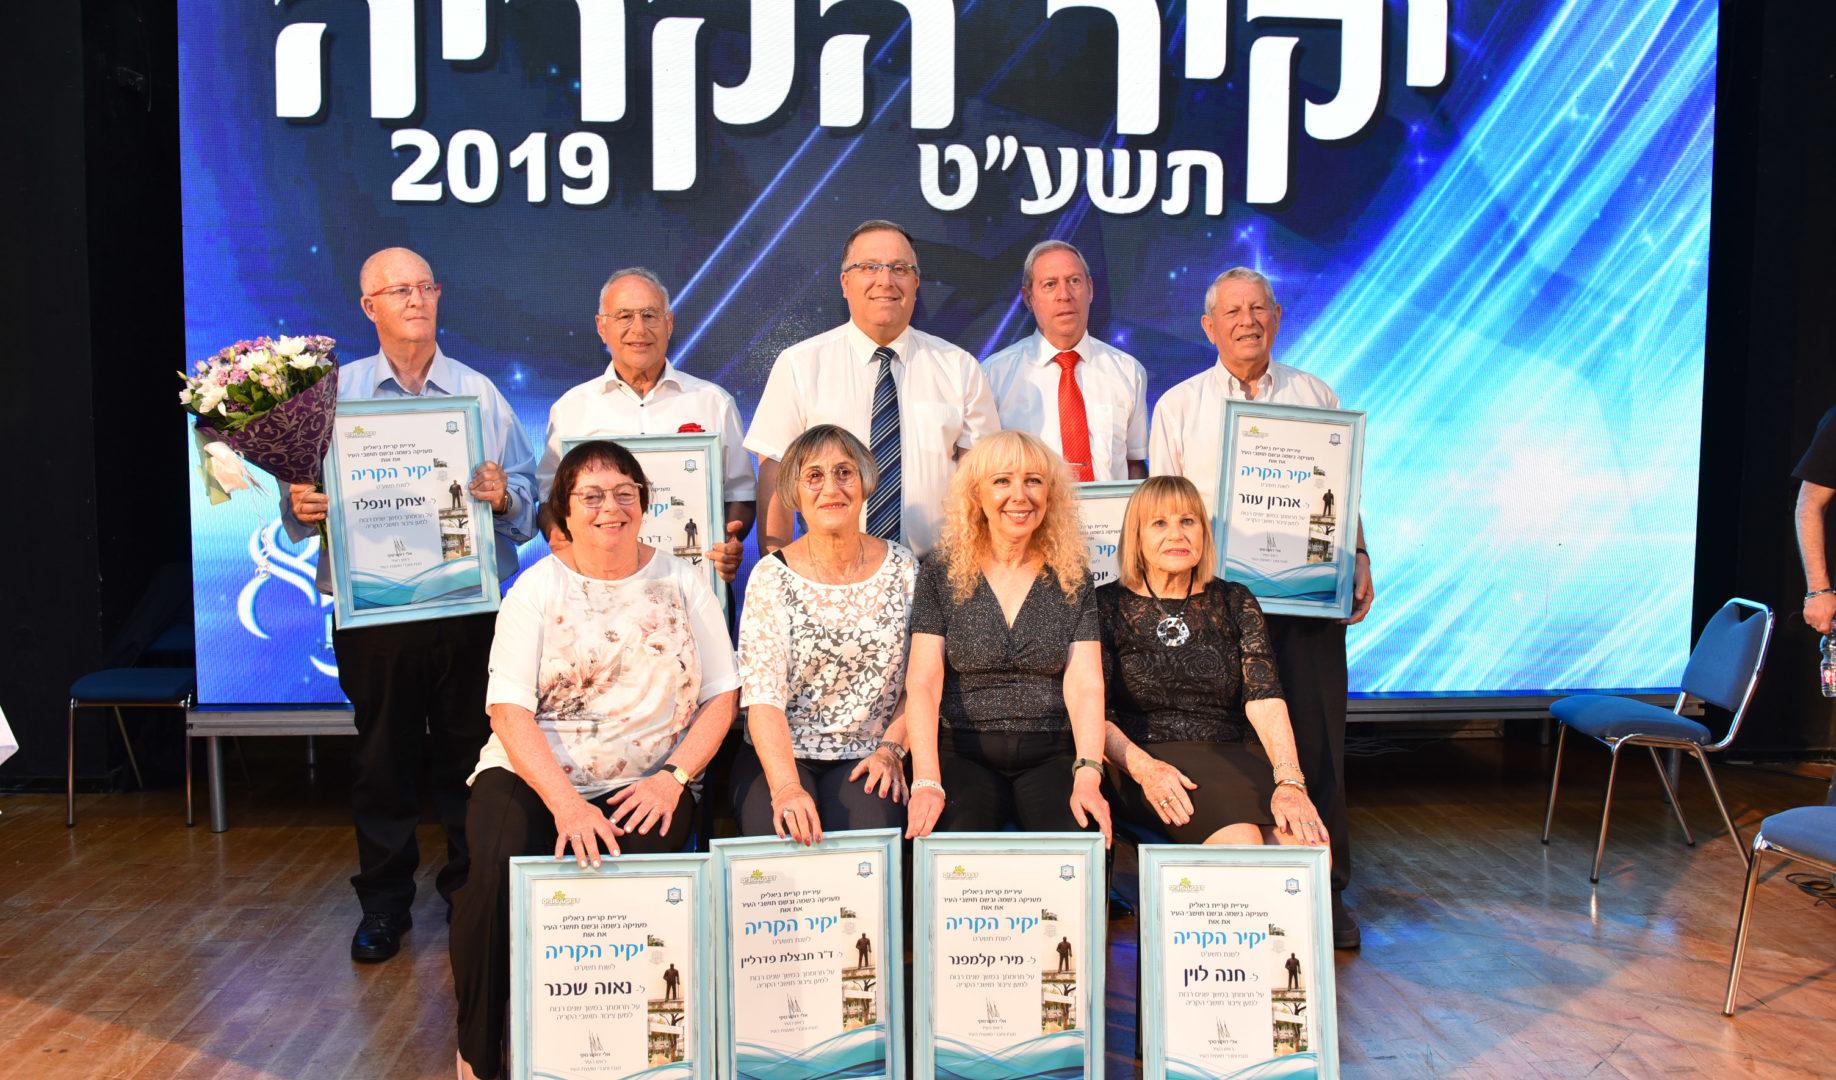 בתמונה: ראש העיר אלי דוקורסקי עם יקירי העיר לשנת 2019